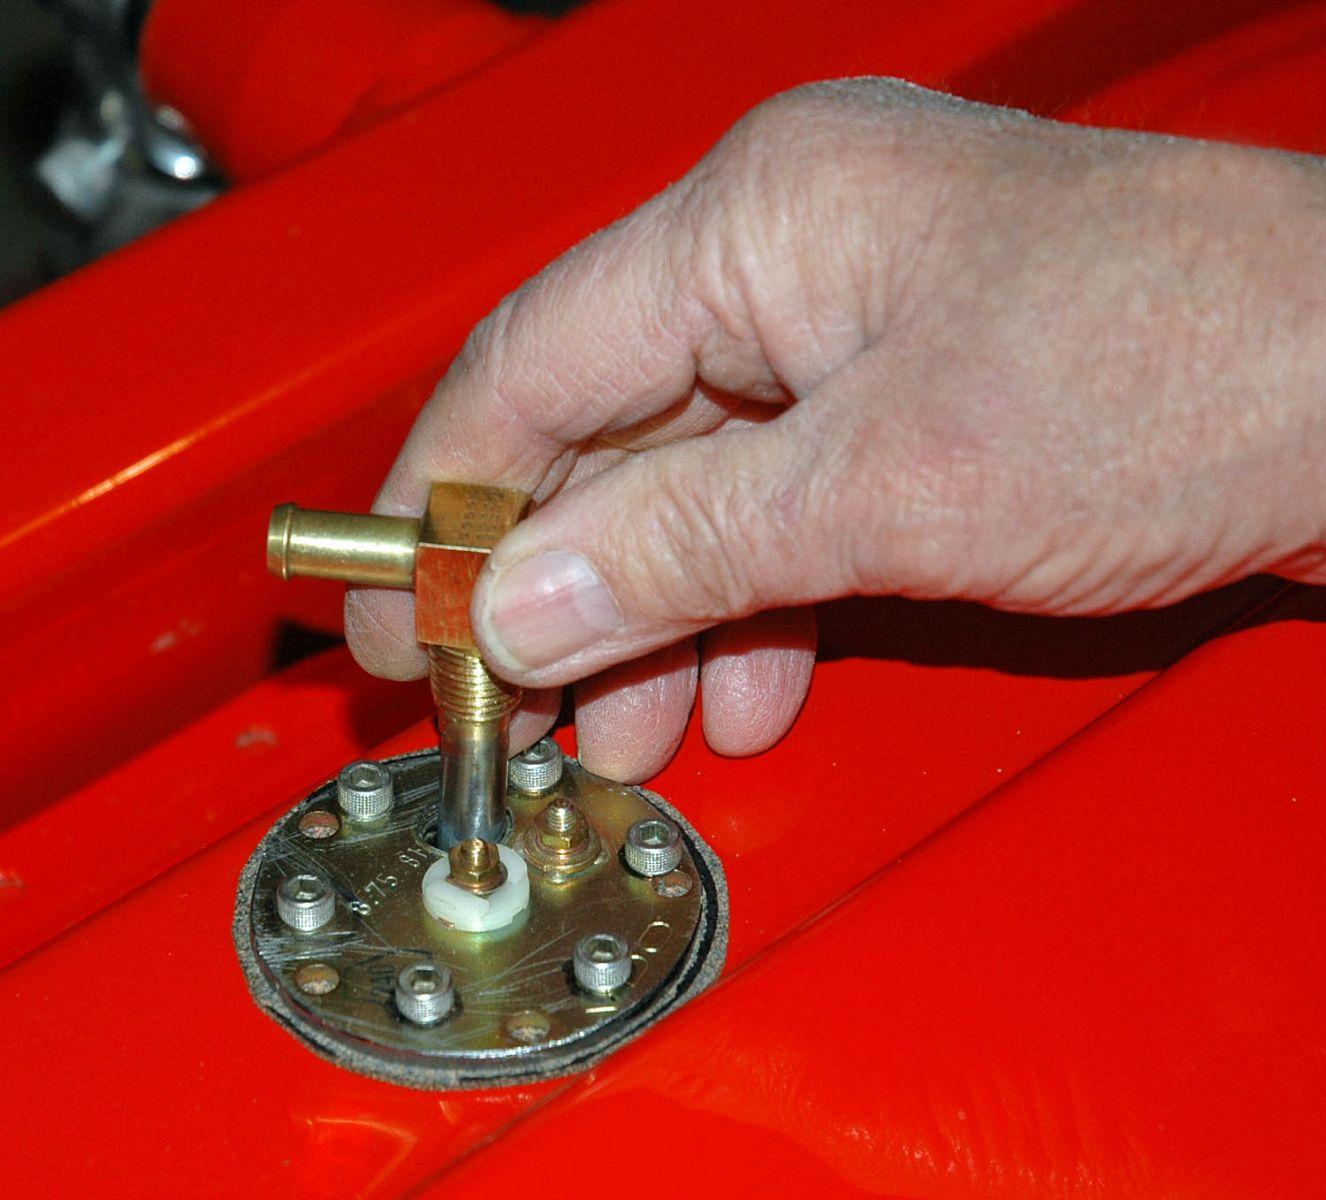 installing a fuel gauge and sender